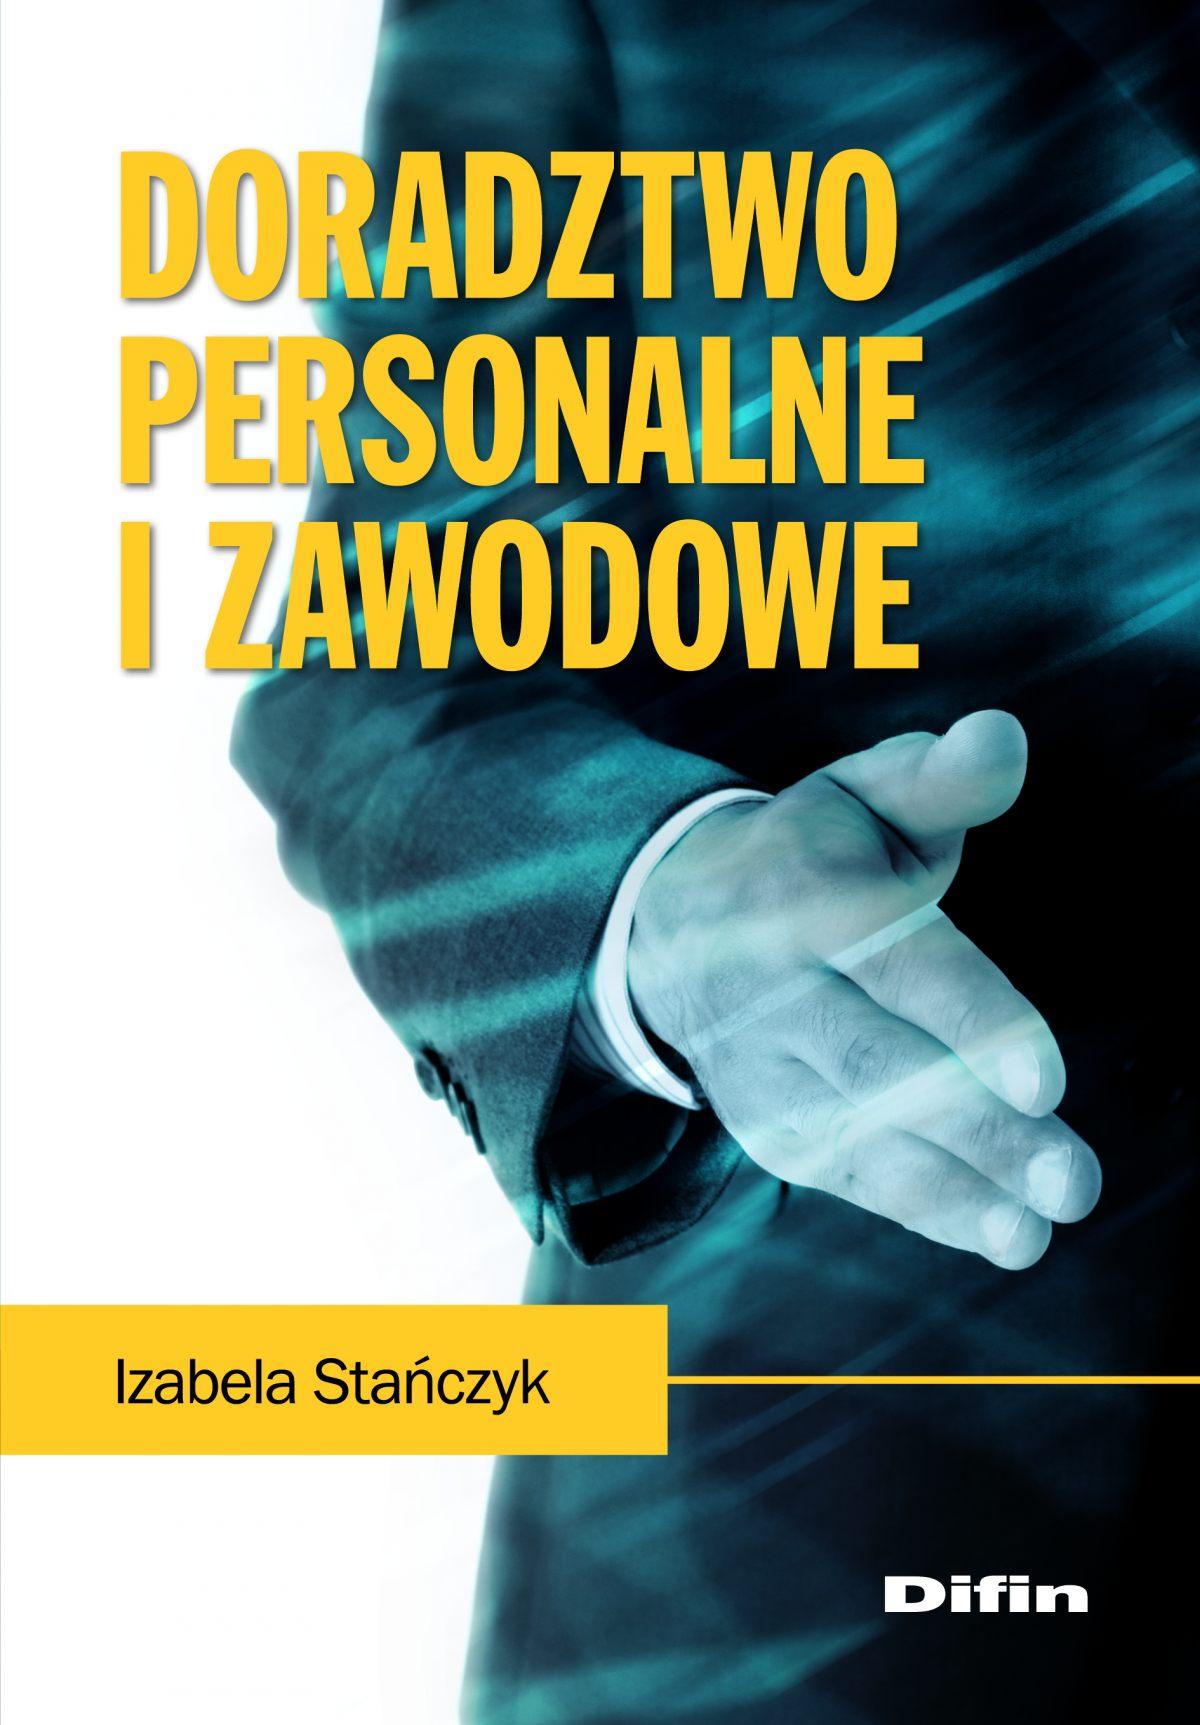 Doradztwo personalne i zawodowe - Ebook (Książka EPUB) do pobrania w formacie EPUB